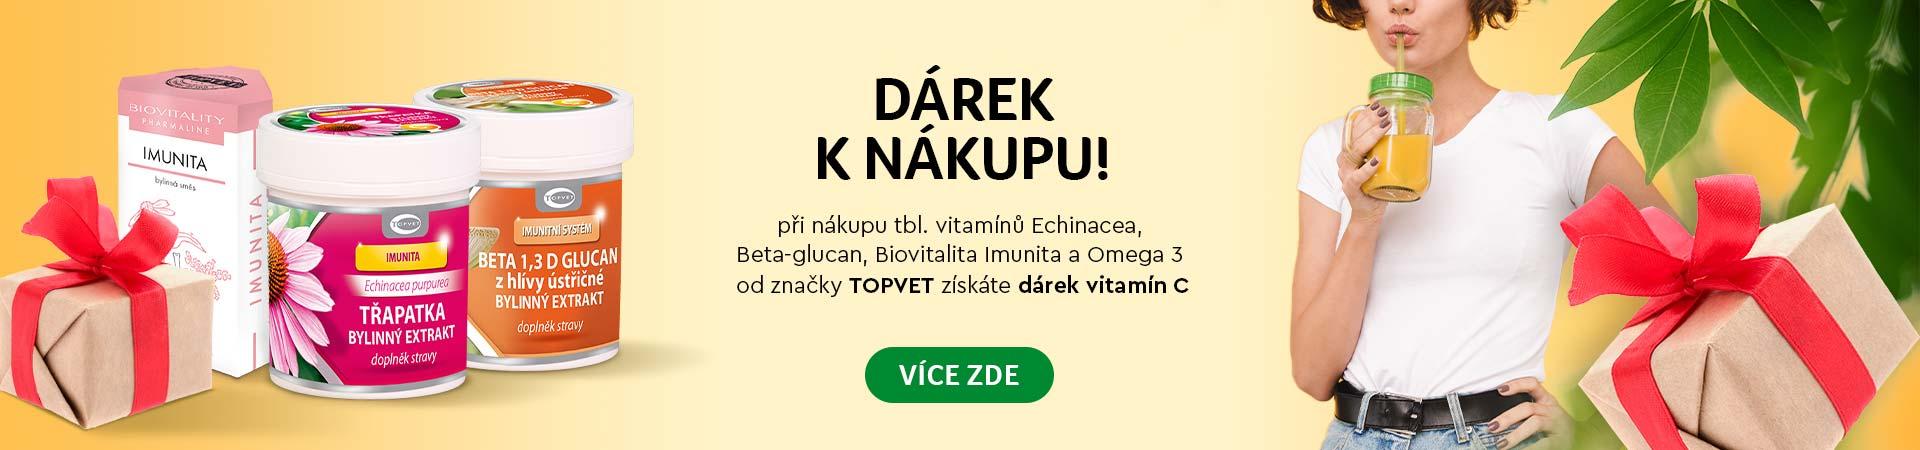 Topvet vitamín C zadarmo